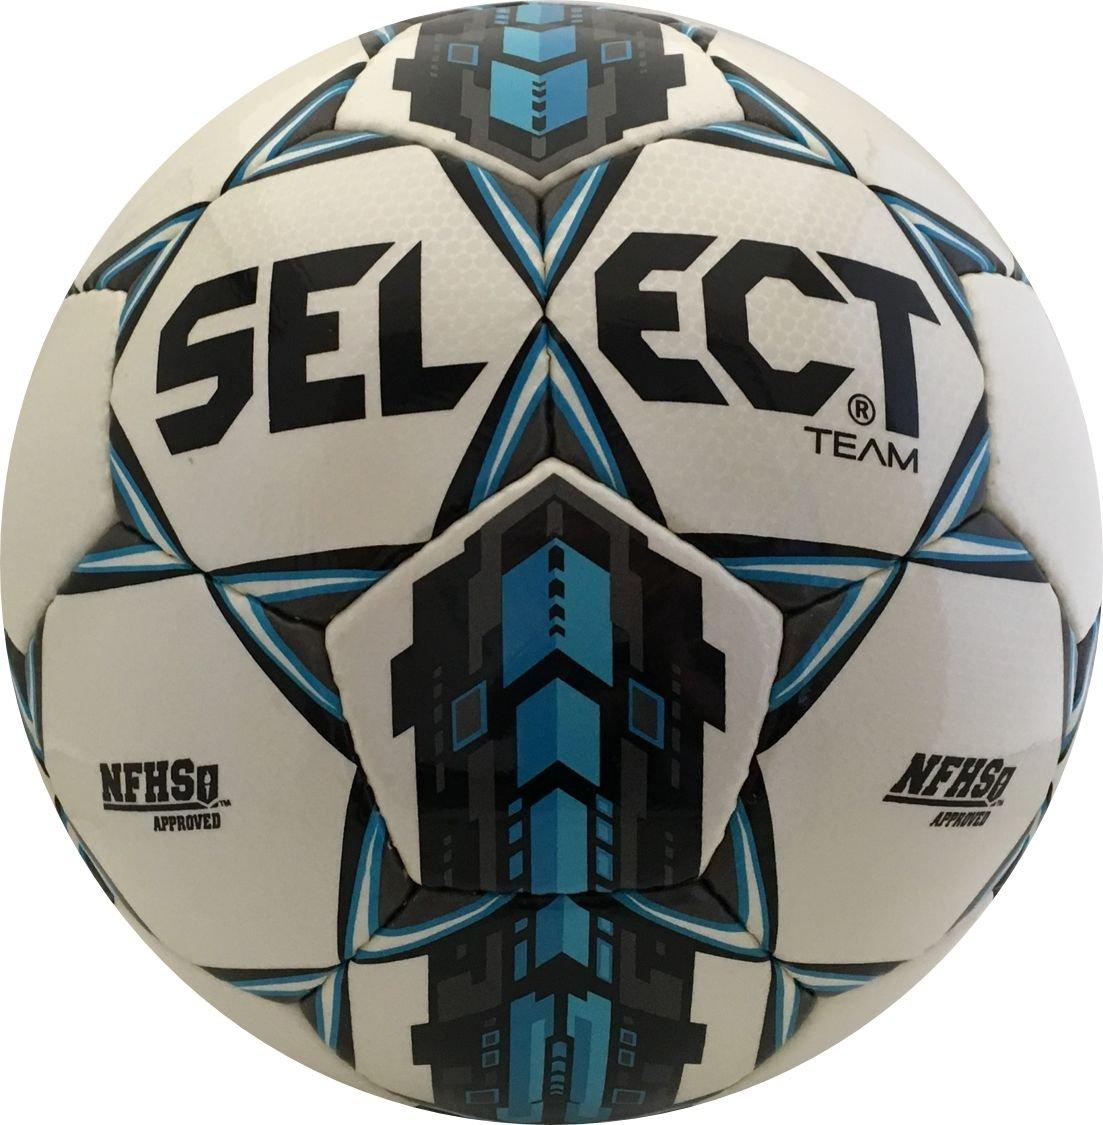 選択チームサッカーボール B0199RZF68 4 ホワイト/ブルー ホワイト/ブルー 4